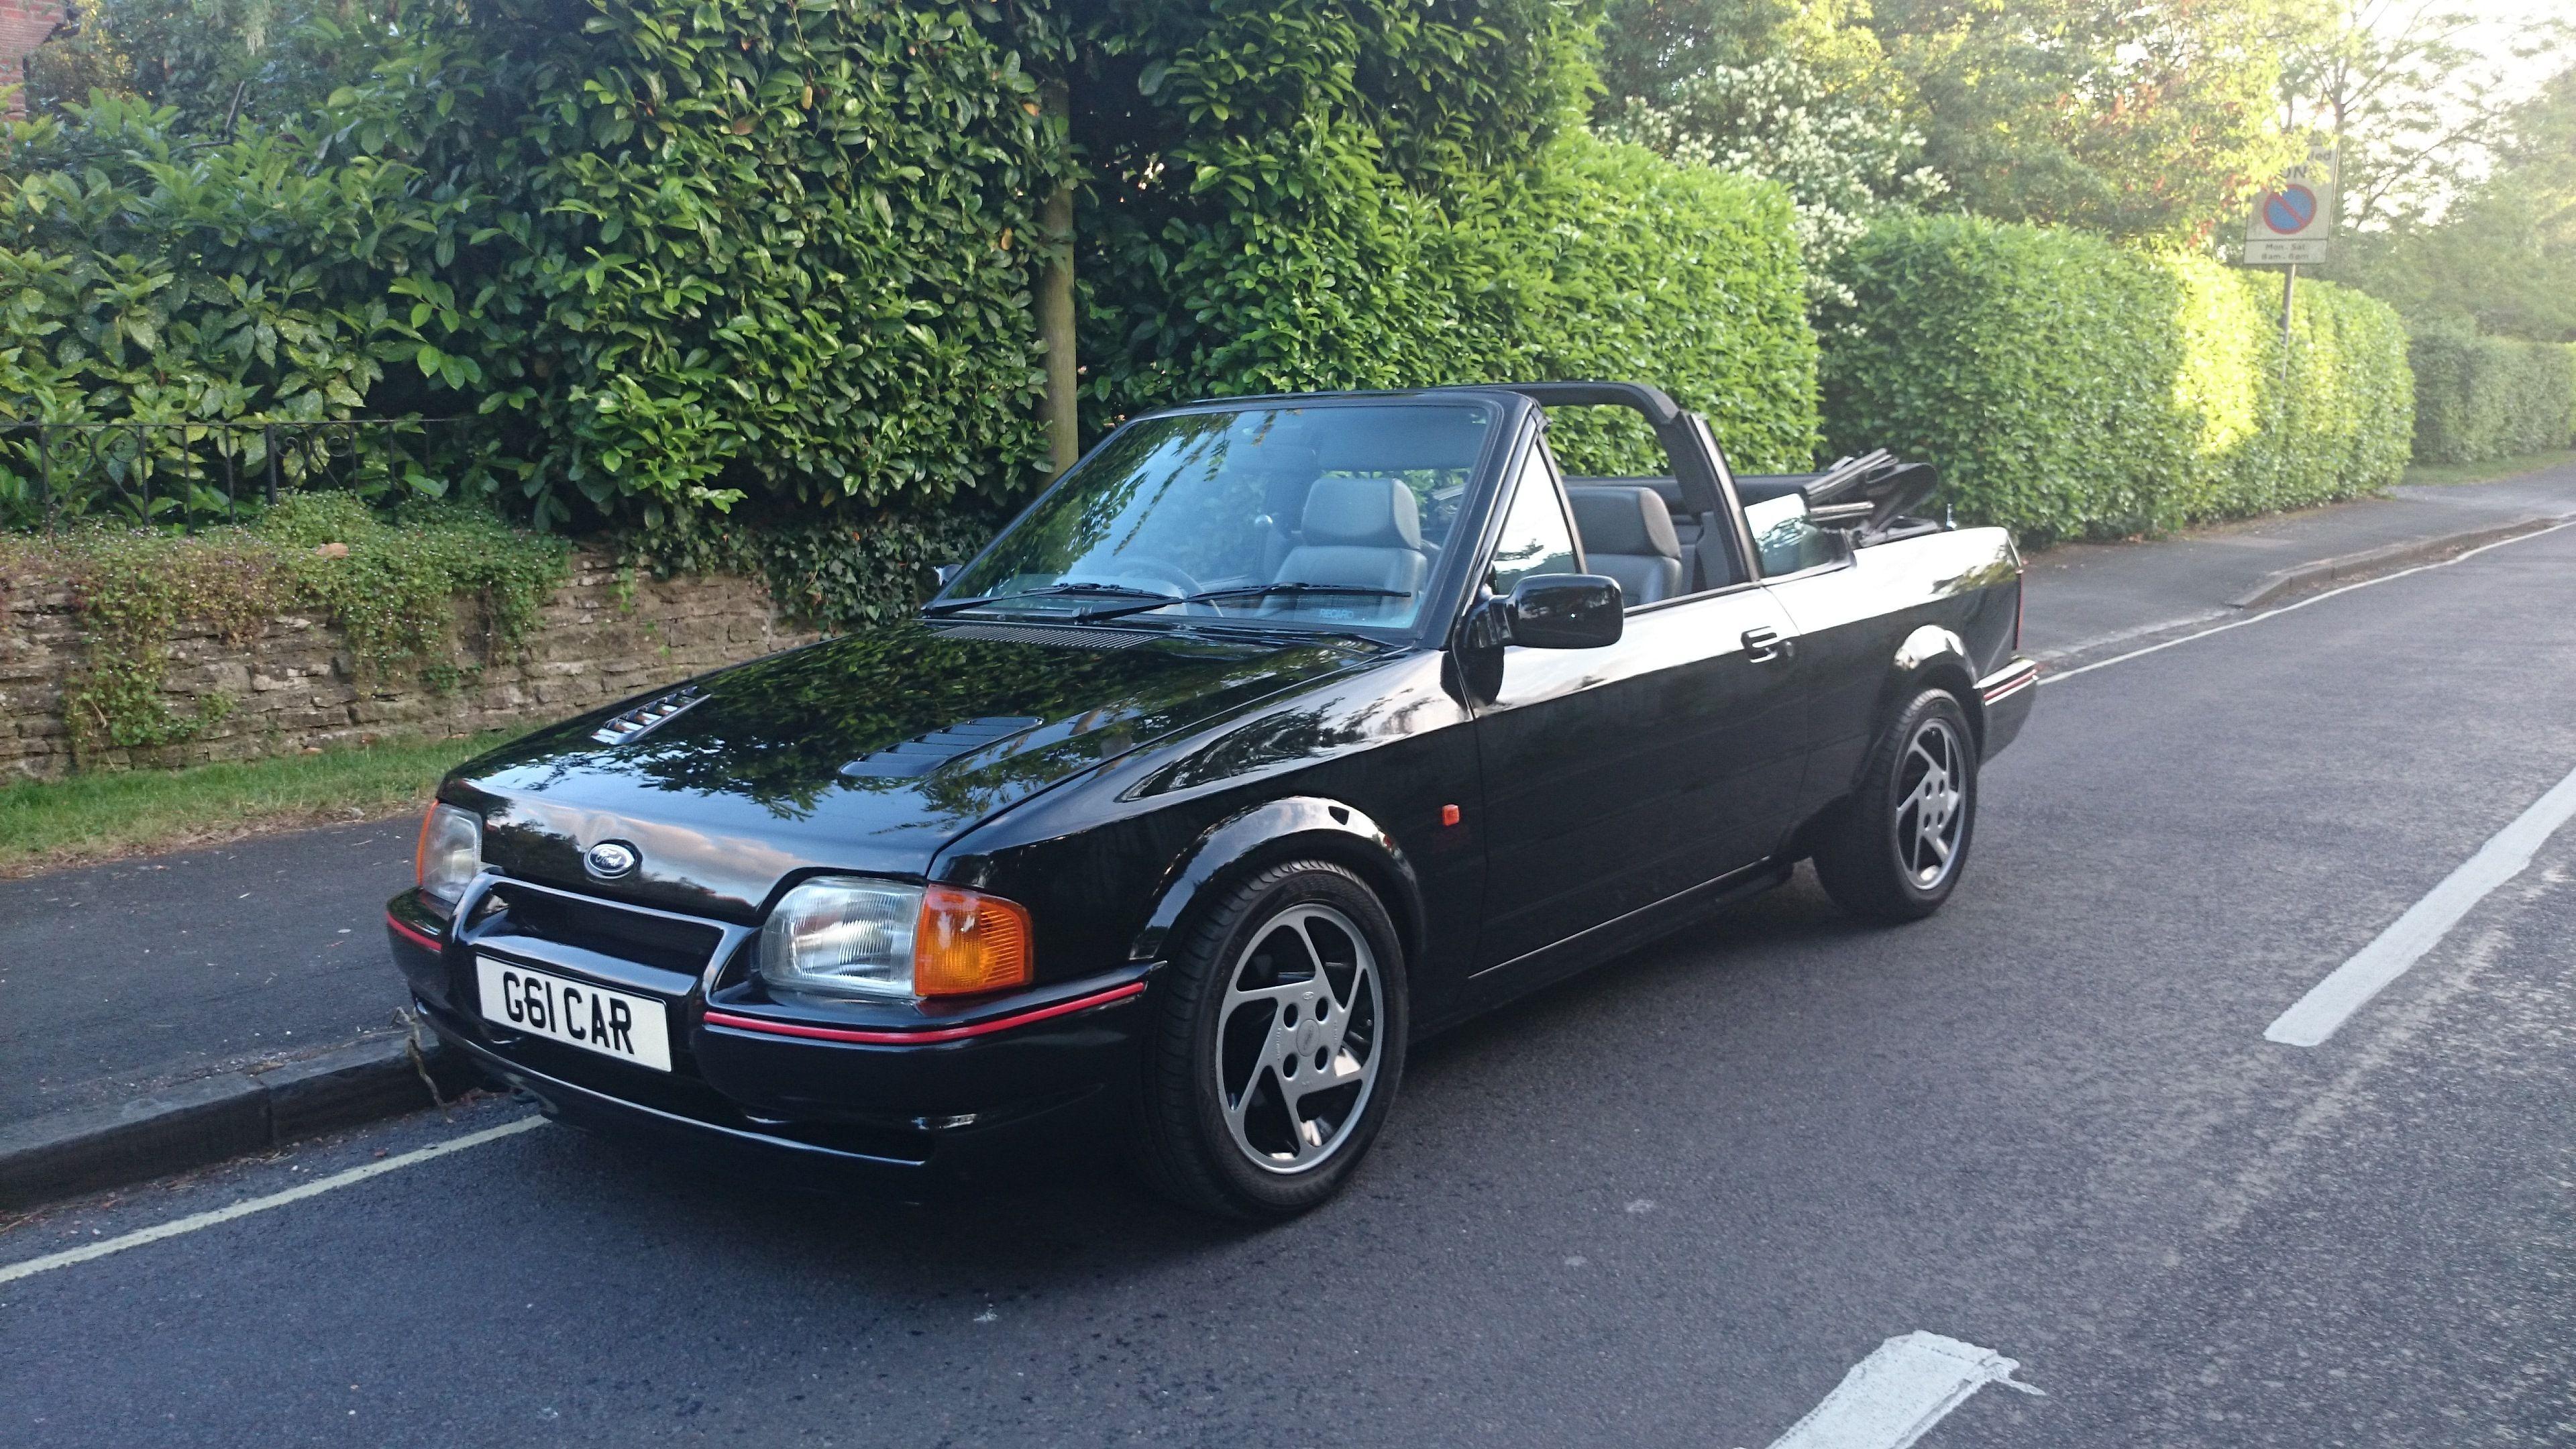 m4 4 ford escort xr3i cabriolet in black superb inside. Black Bedroom Furniture Sets. Home Design Ideas